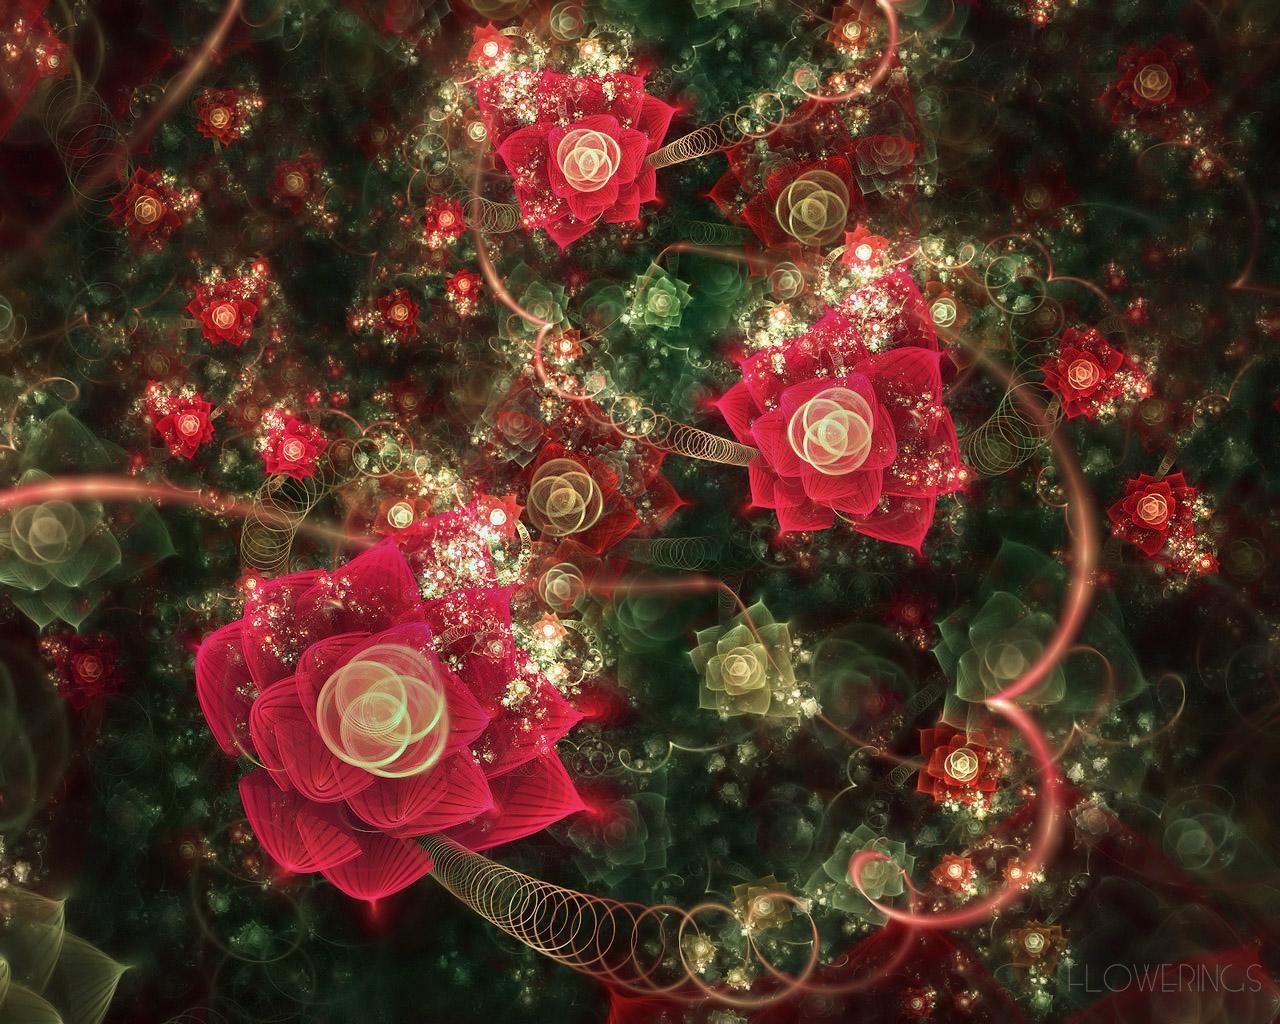 Hintergrundbilder : bunt, Fraktal, Rose, Weihnachtsbaum, Weihnachten ...